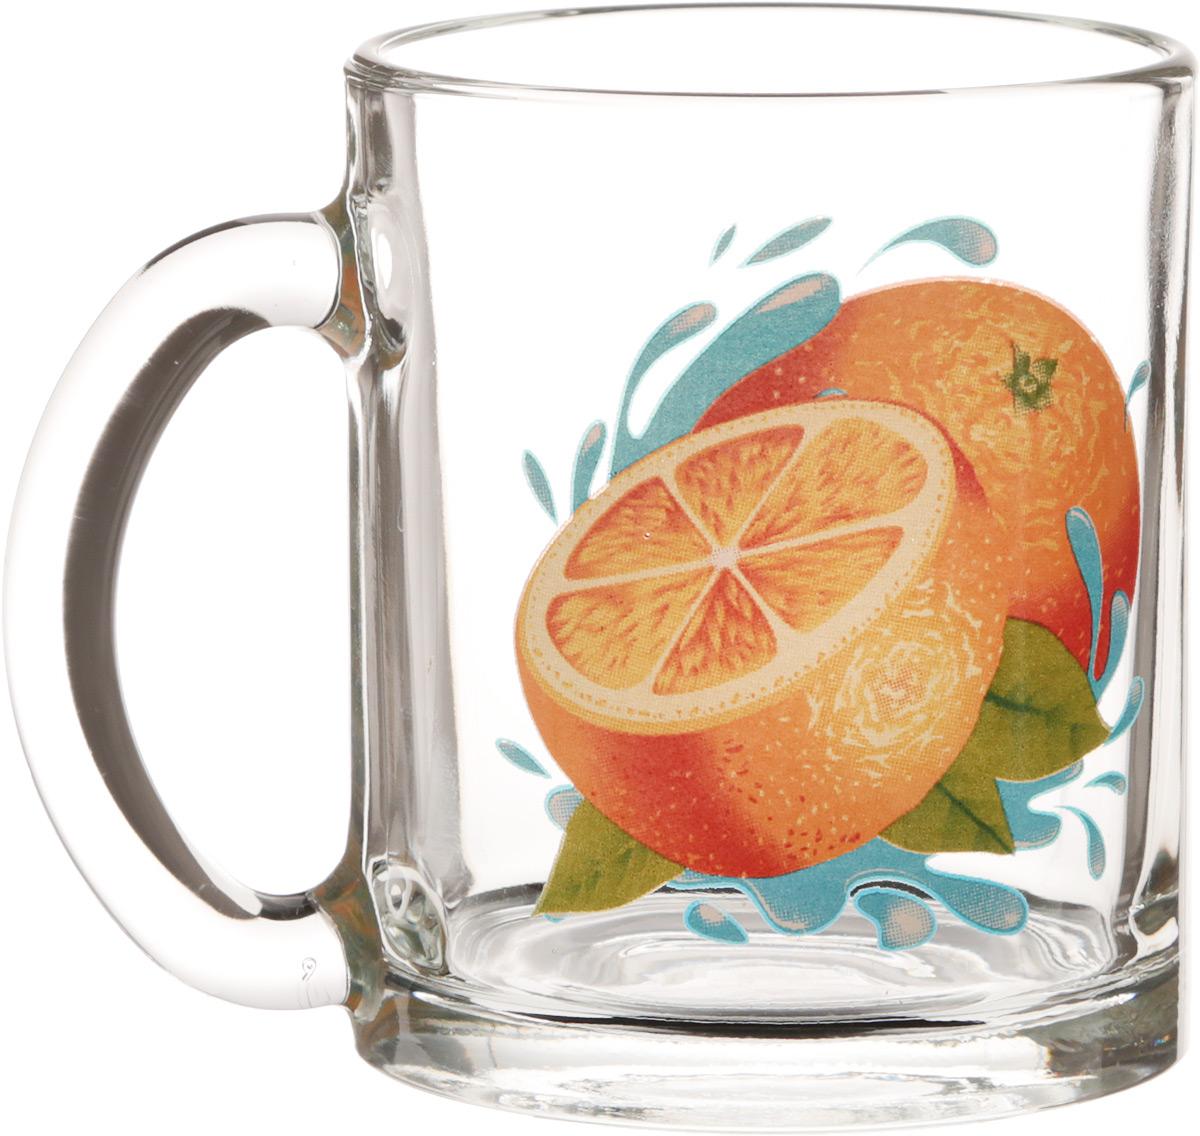 Кружка OSZ Чайная. Апельсин, 320 мл54 009312Кружка OSZ Чайная. Апельсин изготовлена из стекла и декорирована принтом.Диаметр (по верхнему краю): 7,5 см. Высота: 9,5 см.